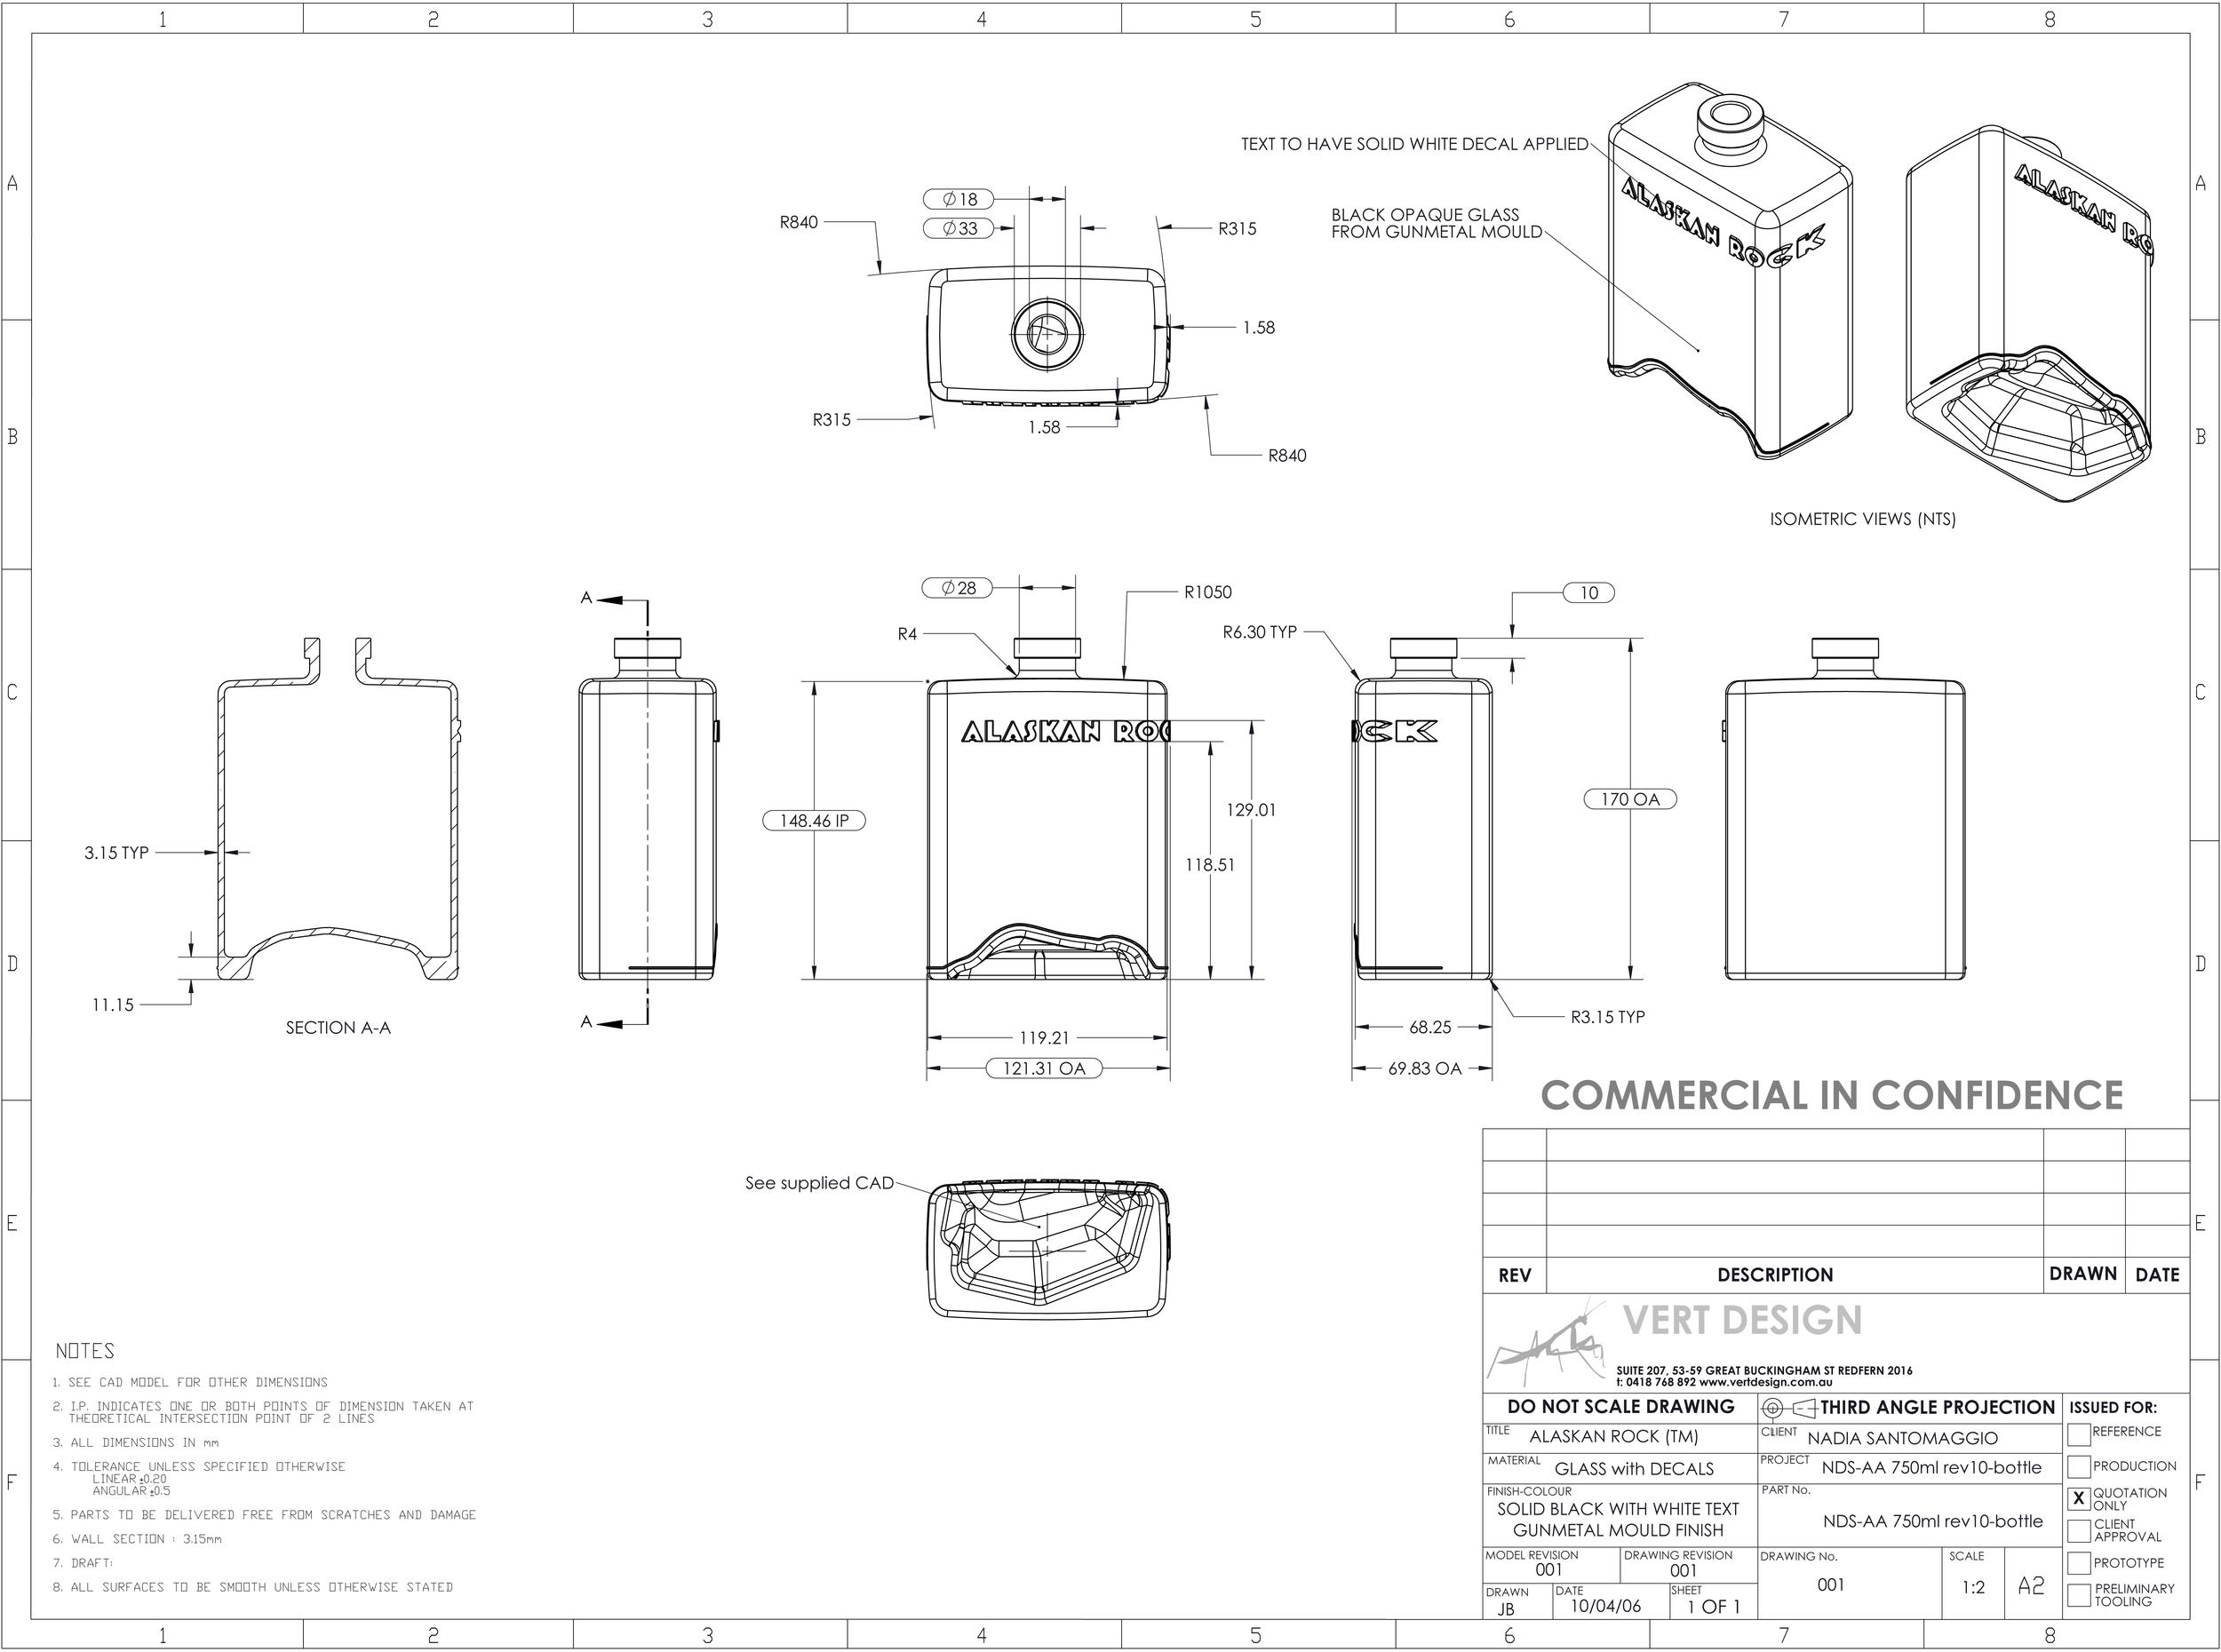 NDS-AA-750ml-rev10-bottle-copy.JPG